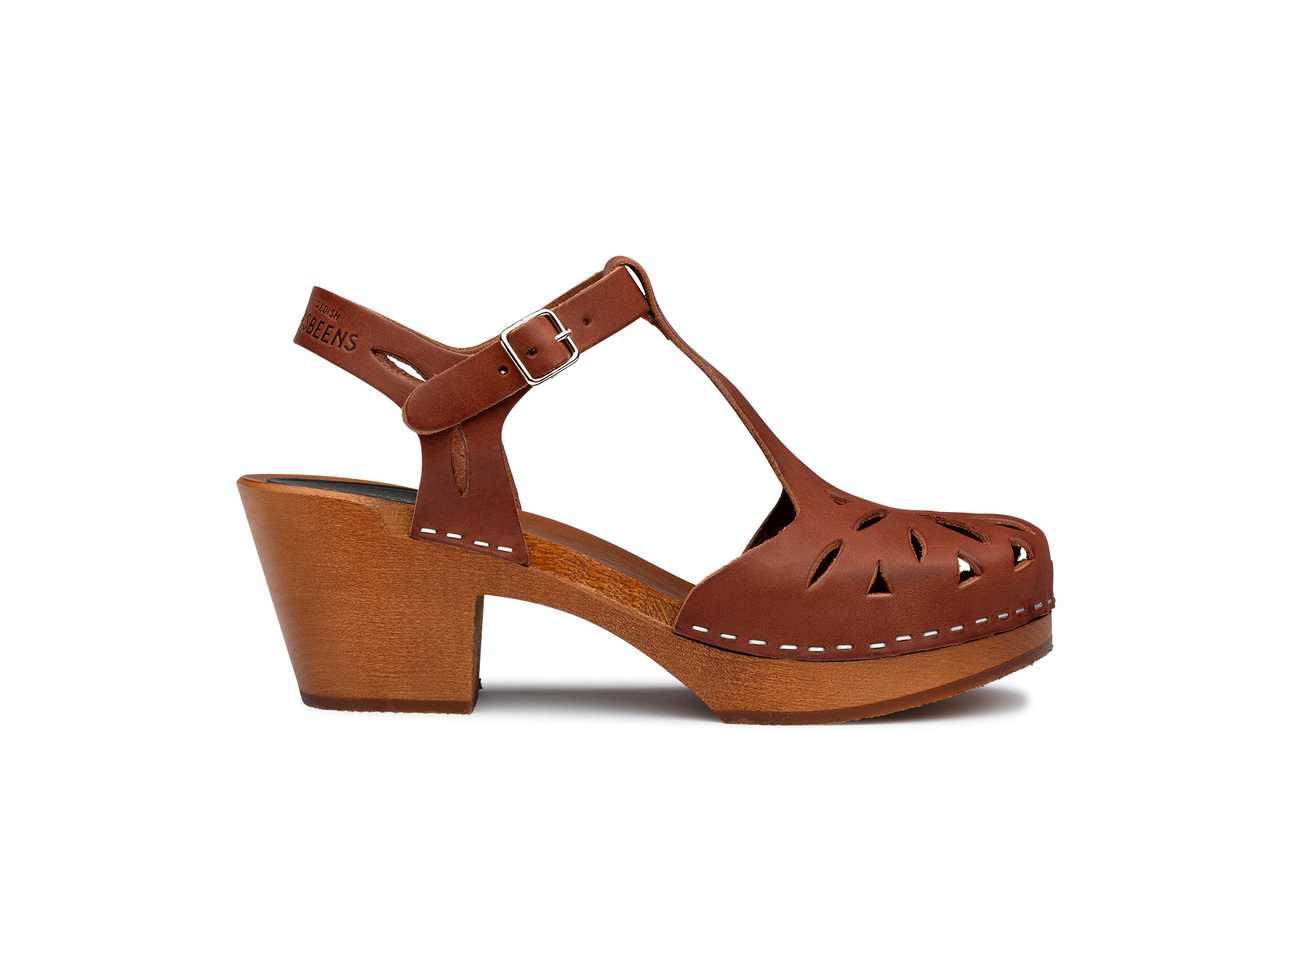 Lacy Sandal cognac/cognac sole